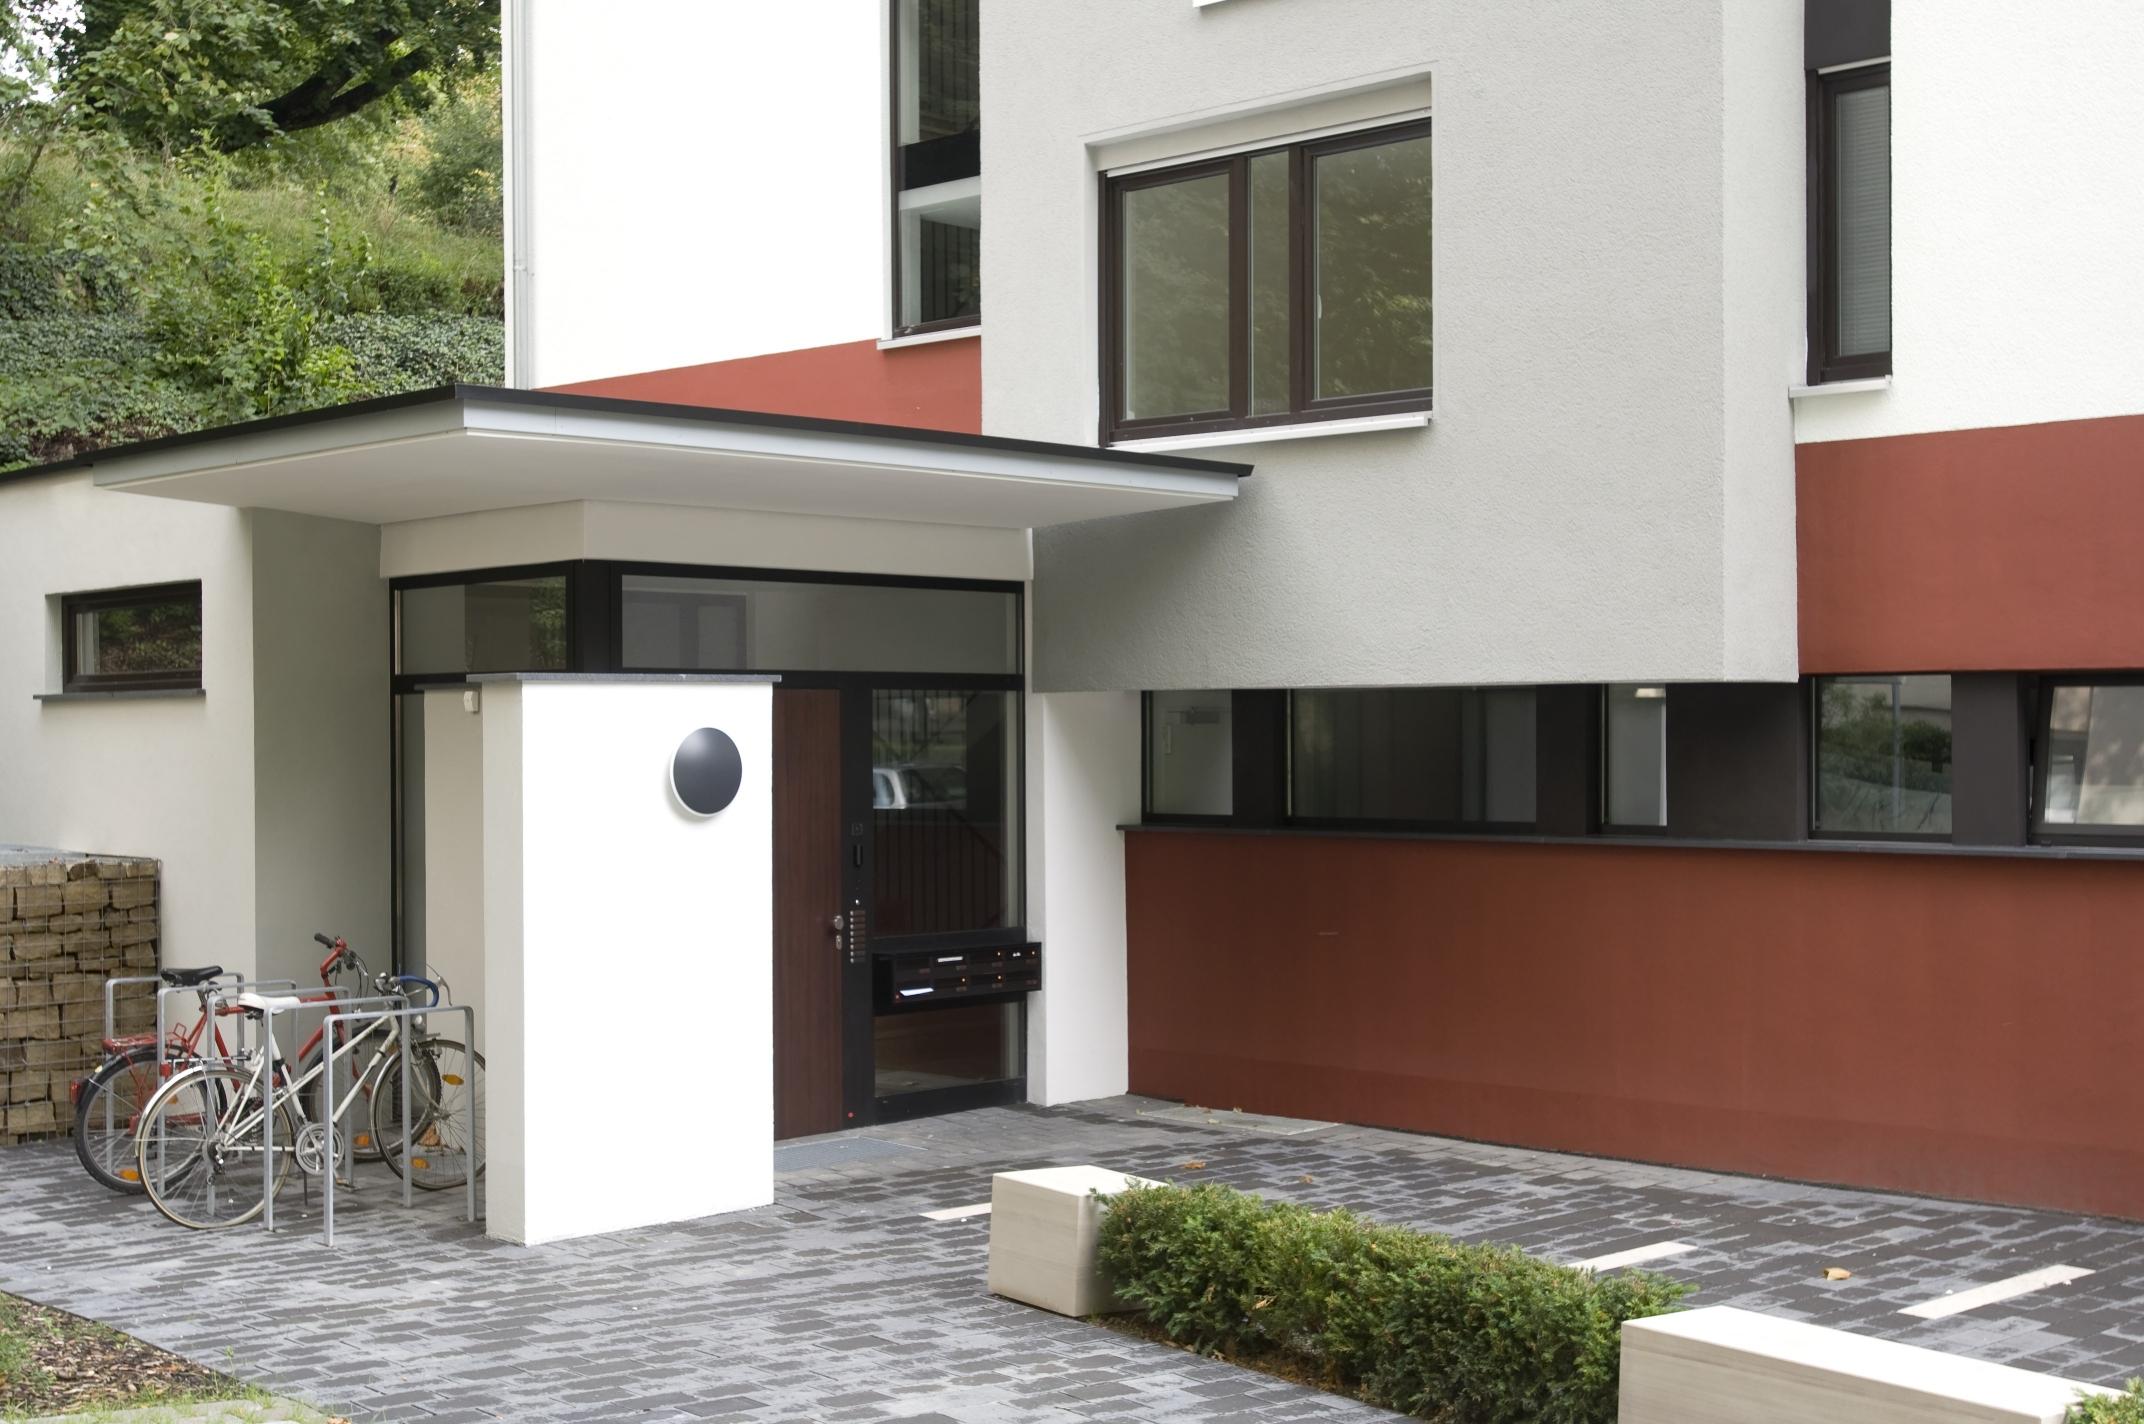 Ulaz u kuću – tanka granica između privatnog i javnog - Gradnja kuće